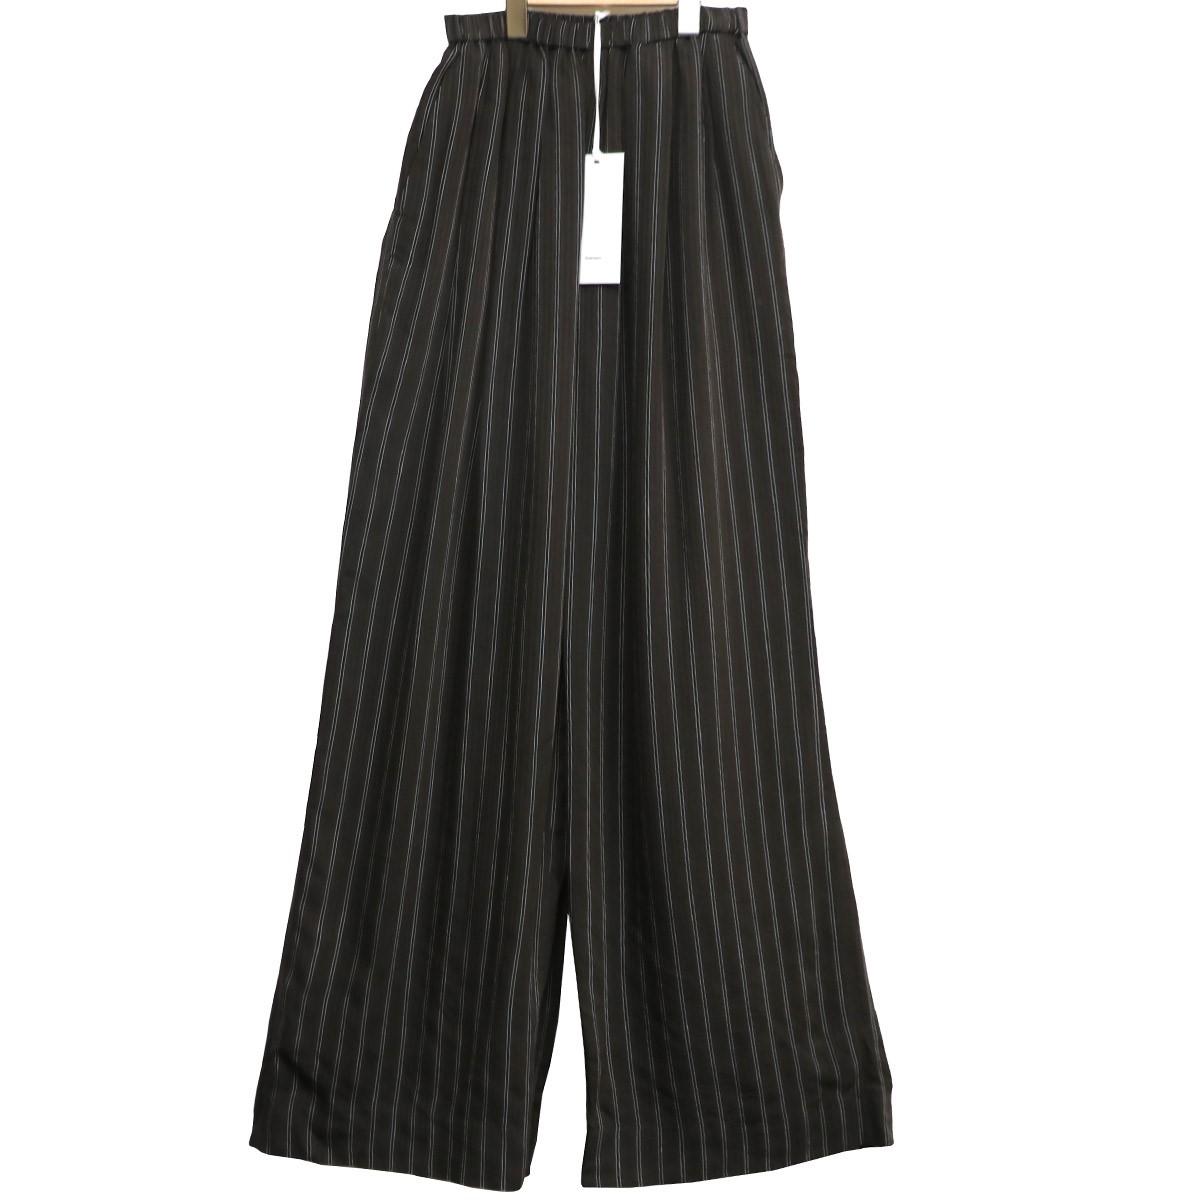 【中古】Graphpaper 19AW Stripe Gather Pantsストライプギャザーワイドパンツ ブラウン×ブラック サイズ:Free(~92cm) 【101219】(グラフペーパー)